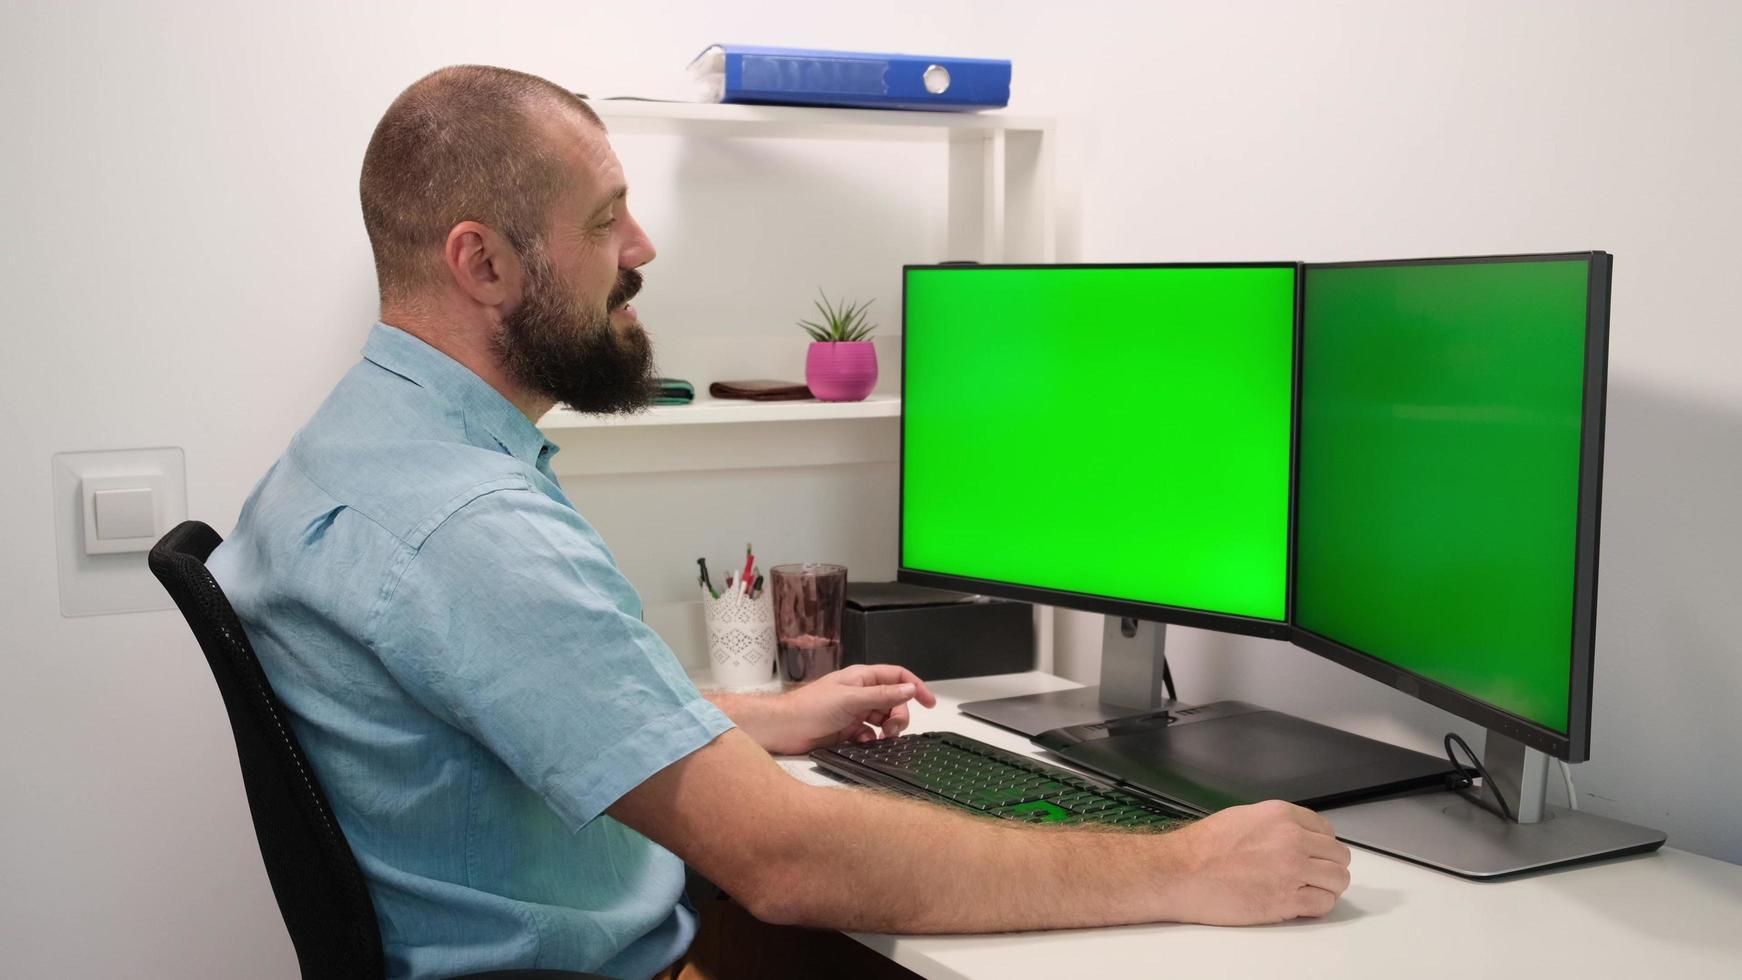 un officier masculin travaille sur un ordinateur avec deux maquettes d'écran vert à la maison. les employés sont assis devant des écrans. photo